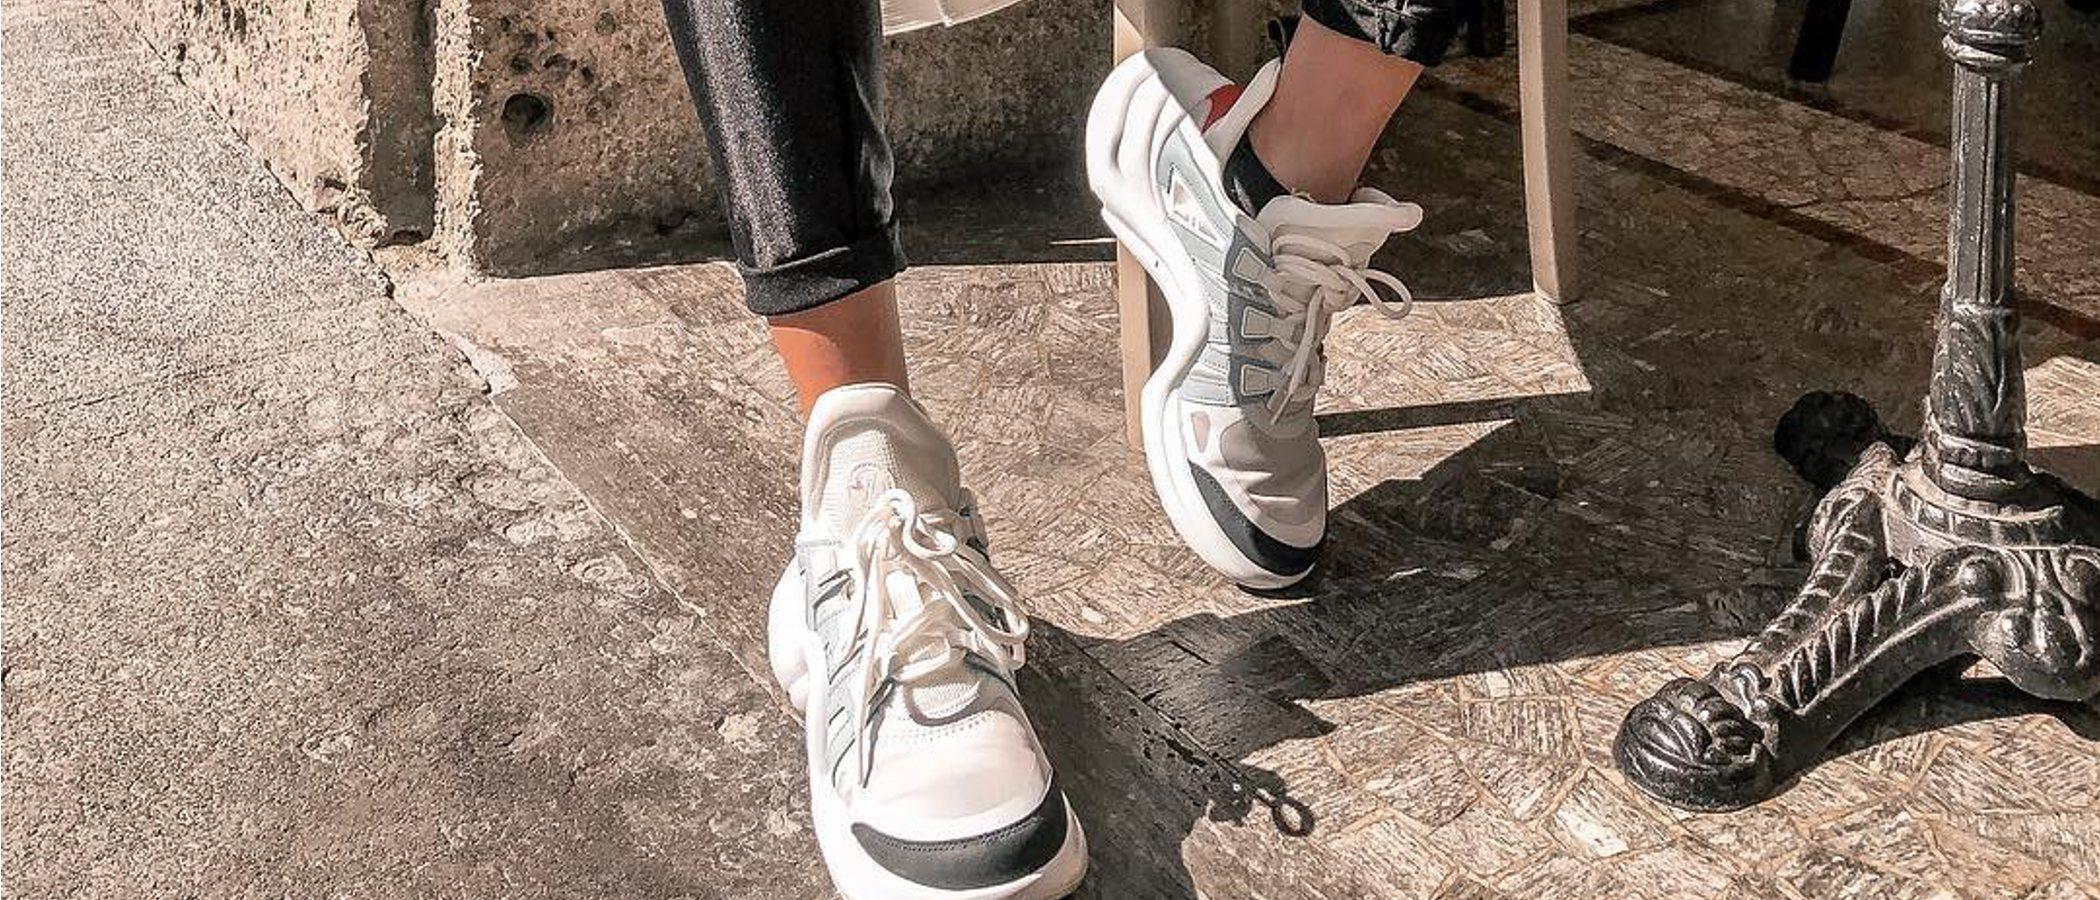 Tendencia del mes: Zapatillas deportivas